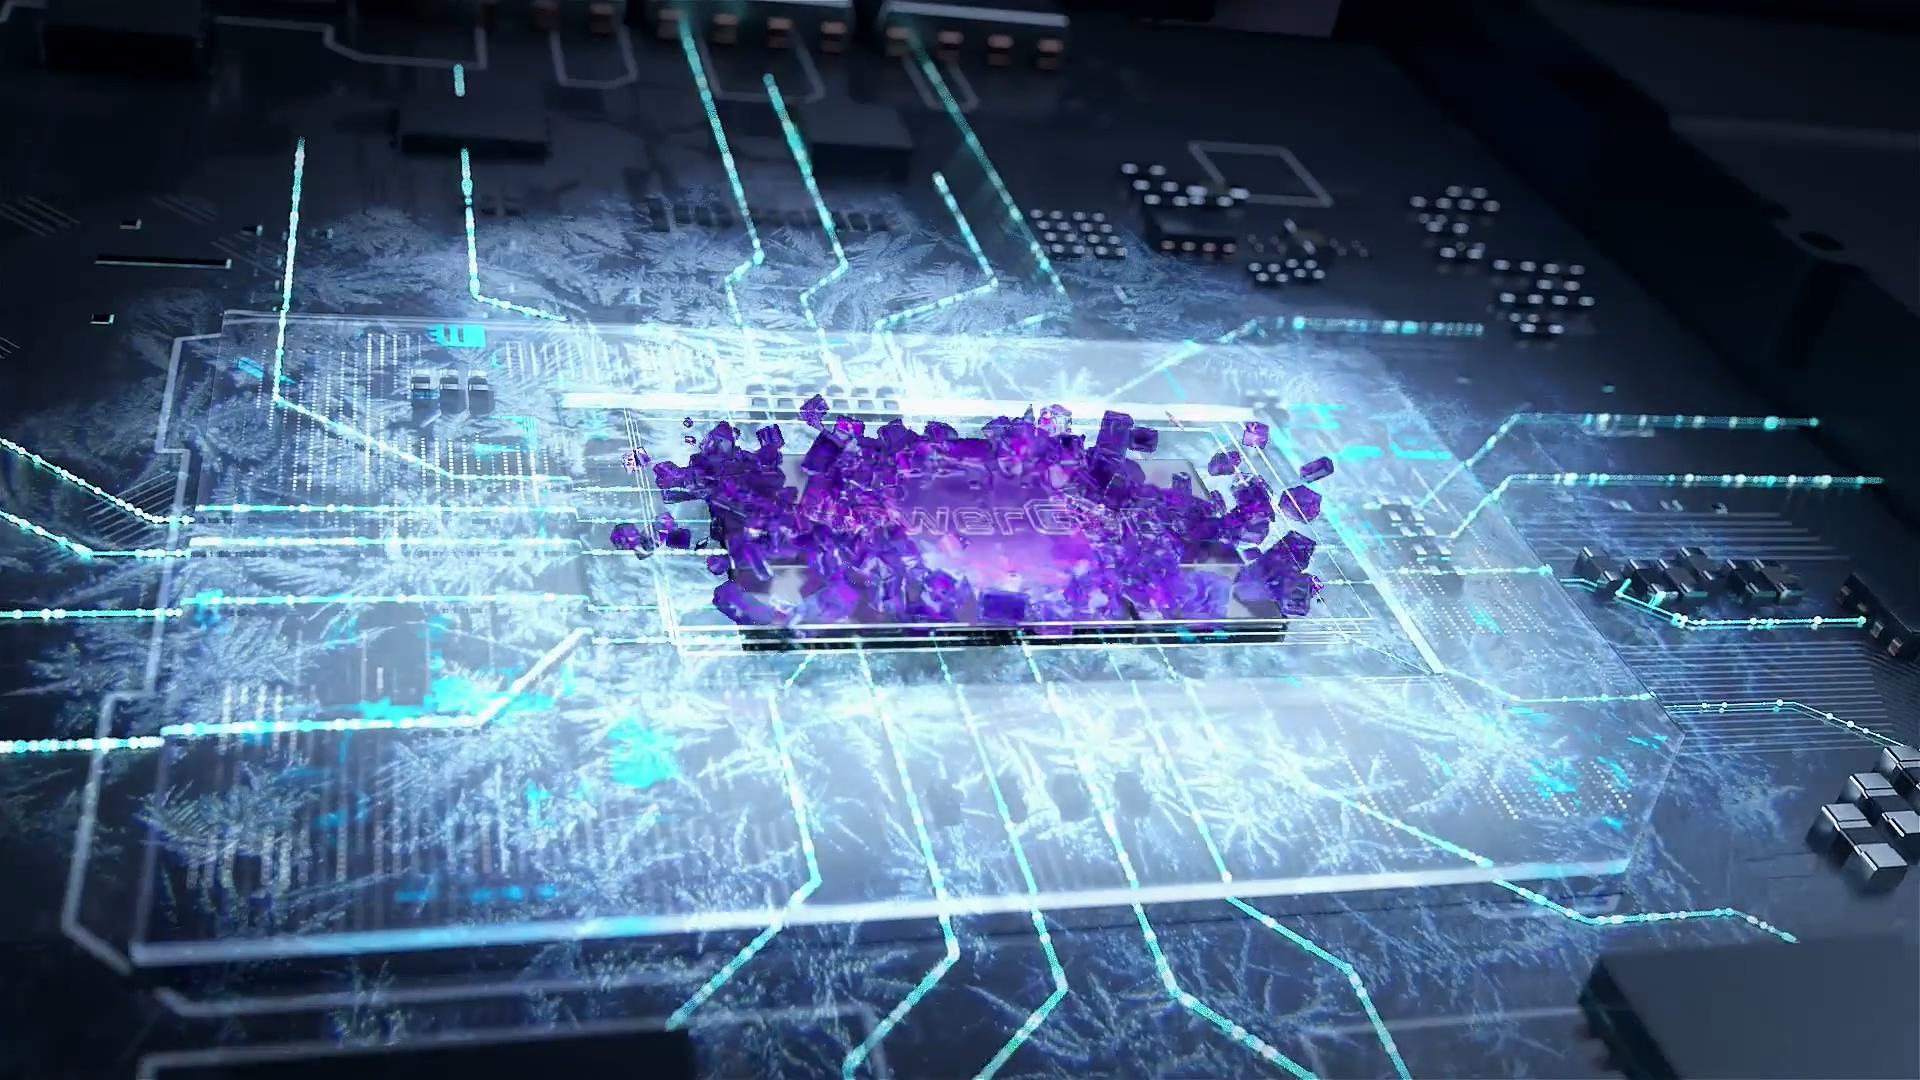 笔记本电脑三维产品质感芯片光线科技